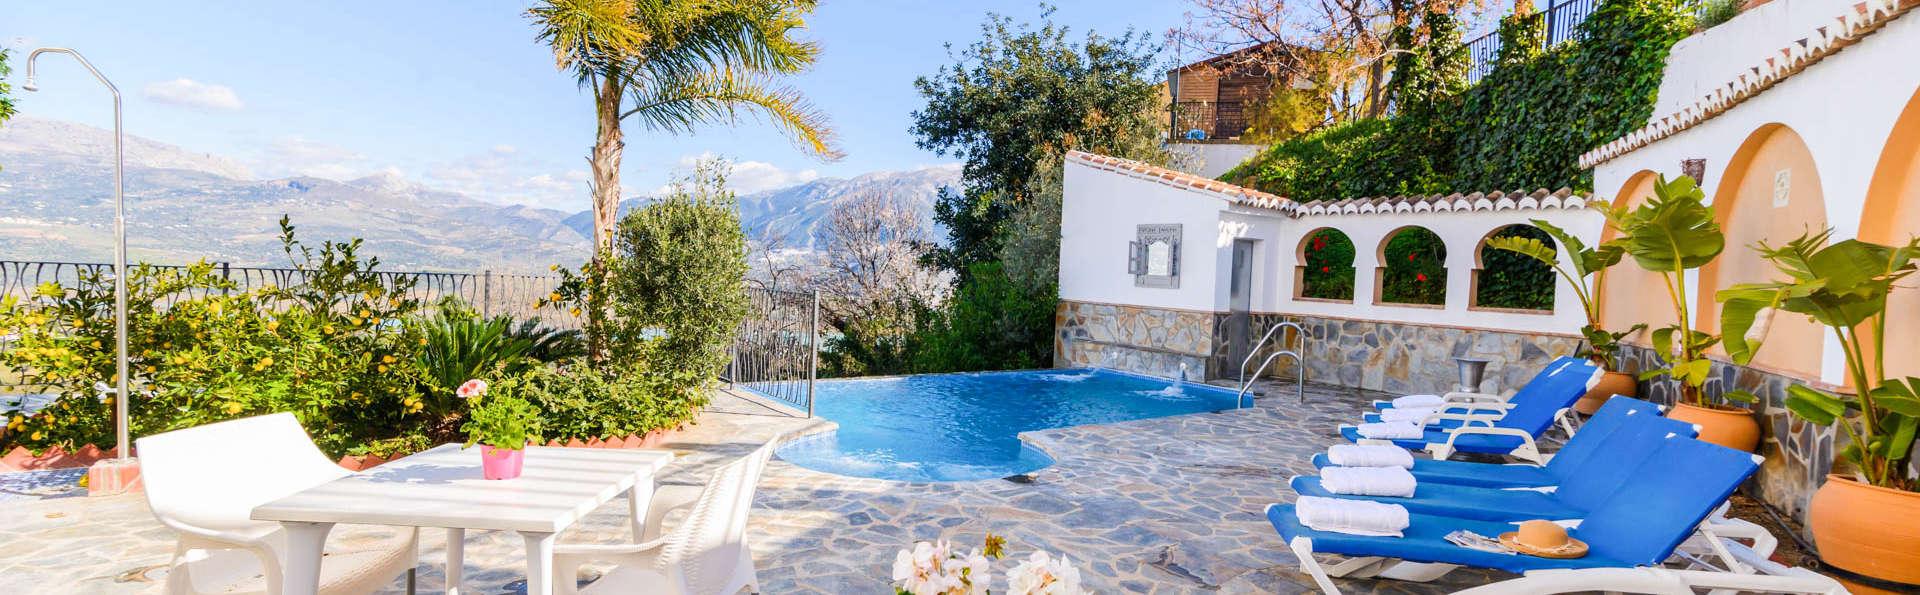 Relájate en habitación superior con sesión de spa, cava y vistas al estanque de la Viñuela